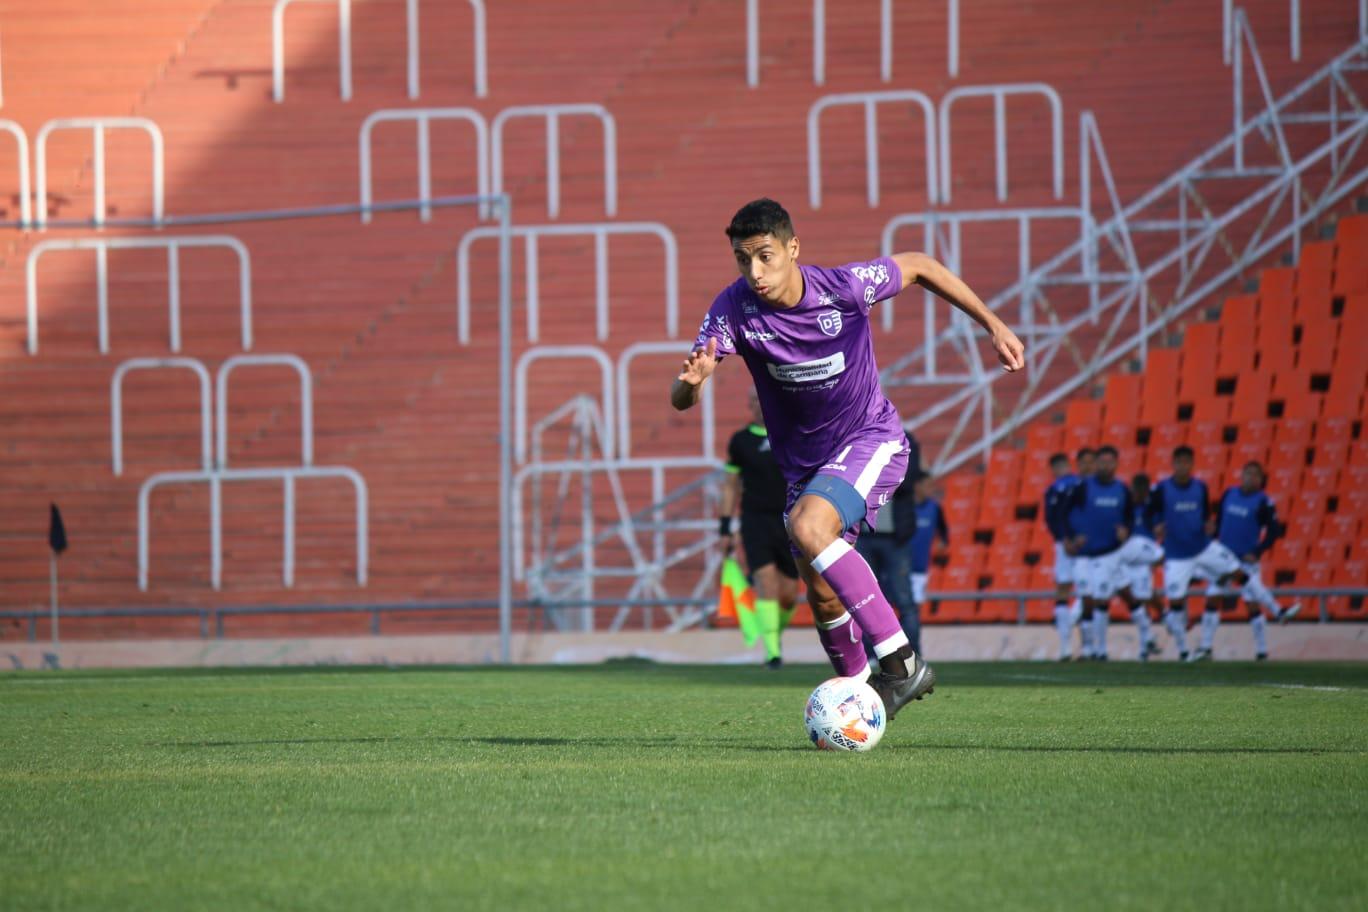 Primera Nacional: Fran Nouet retornó a Villa Dálmine y jugó en buen nivel